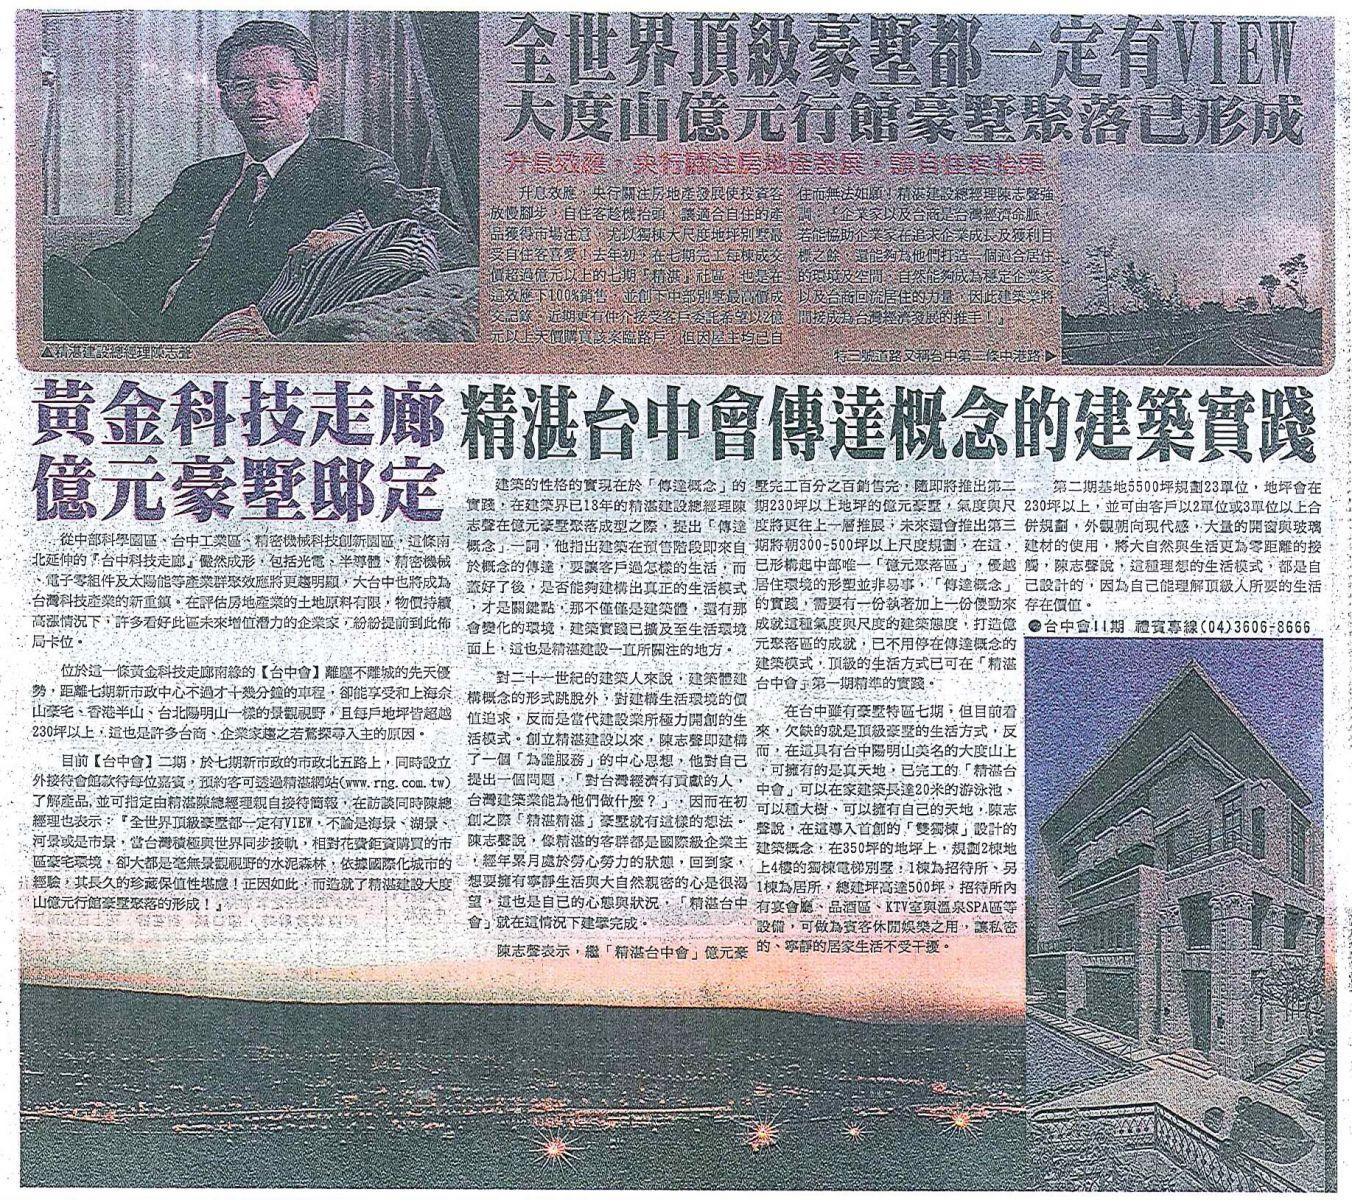 20100724 蘋果日報_黃金科技走廊億元豪墅邸定 精湛台中會傳達概念的建築實踐